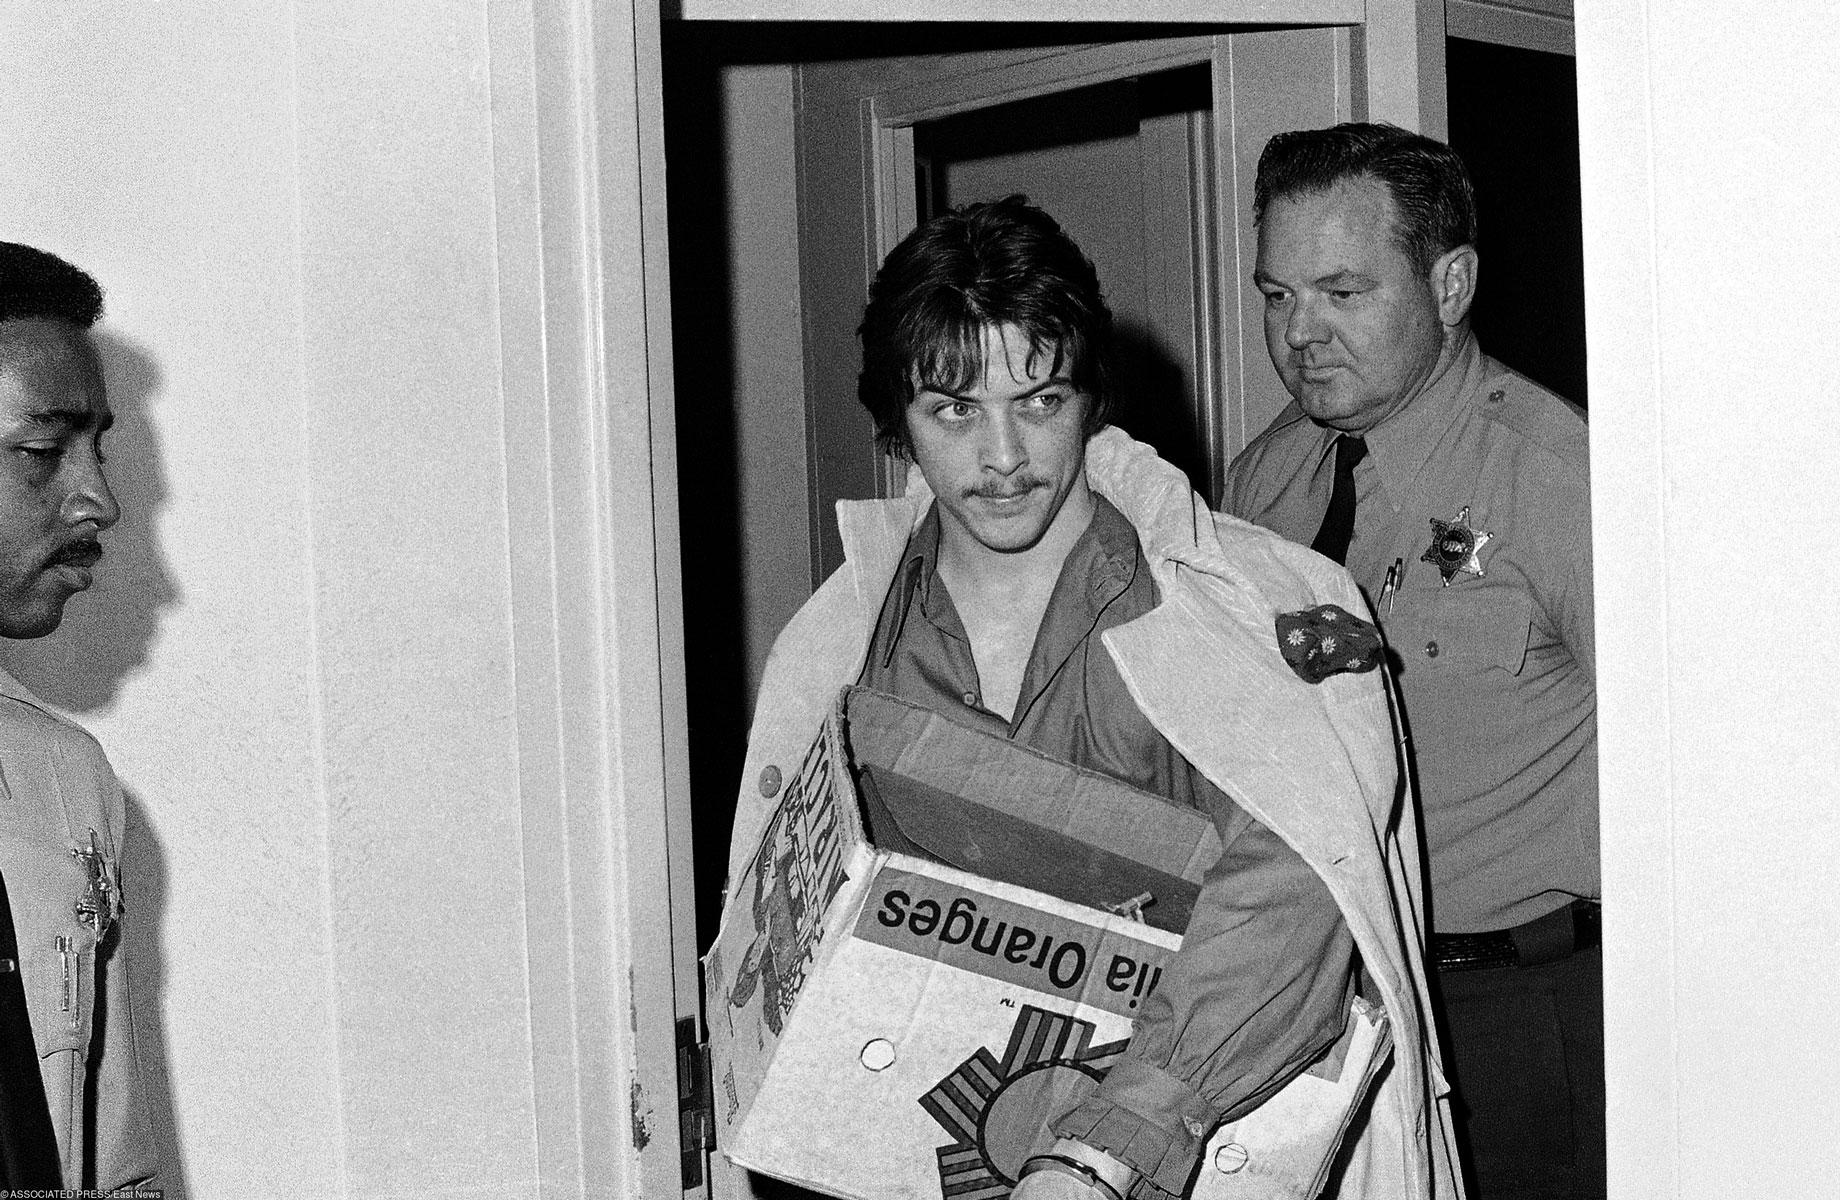 Бобби Босолей всуде Лос-Анджелеса в1970-м году. Ему вынесли смертный приговор